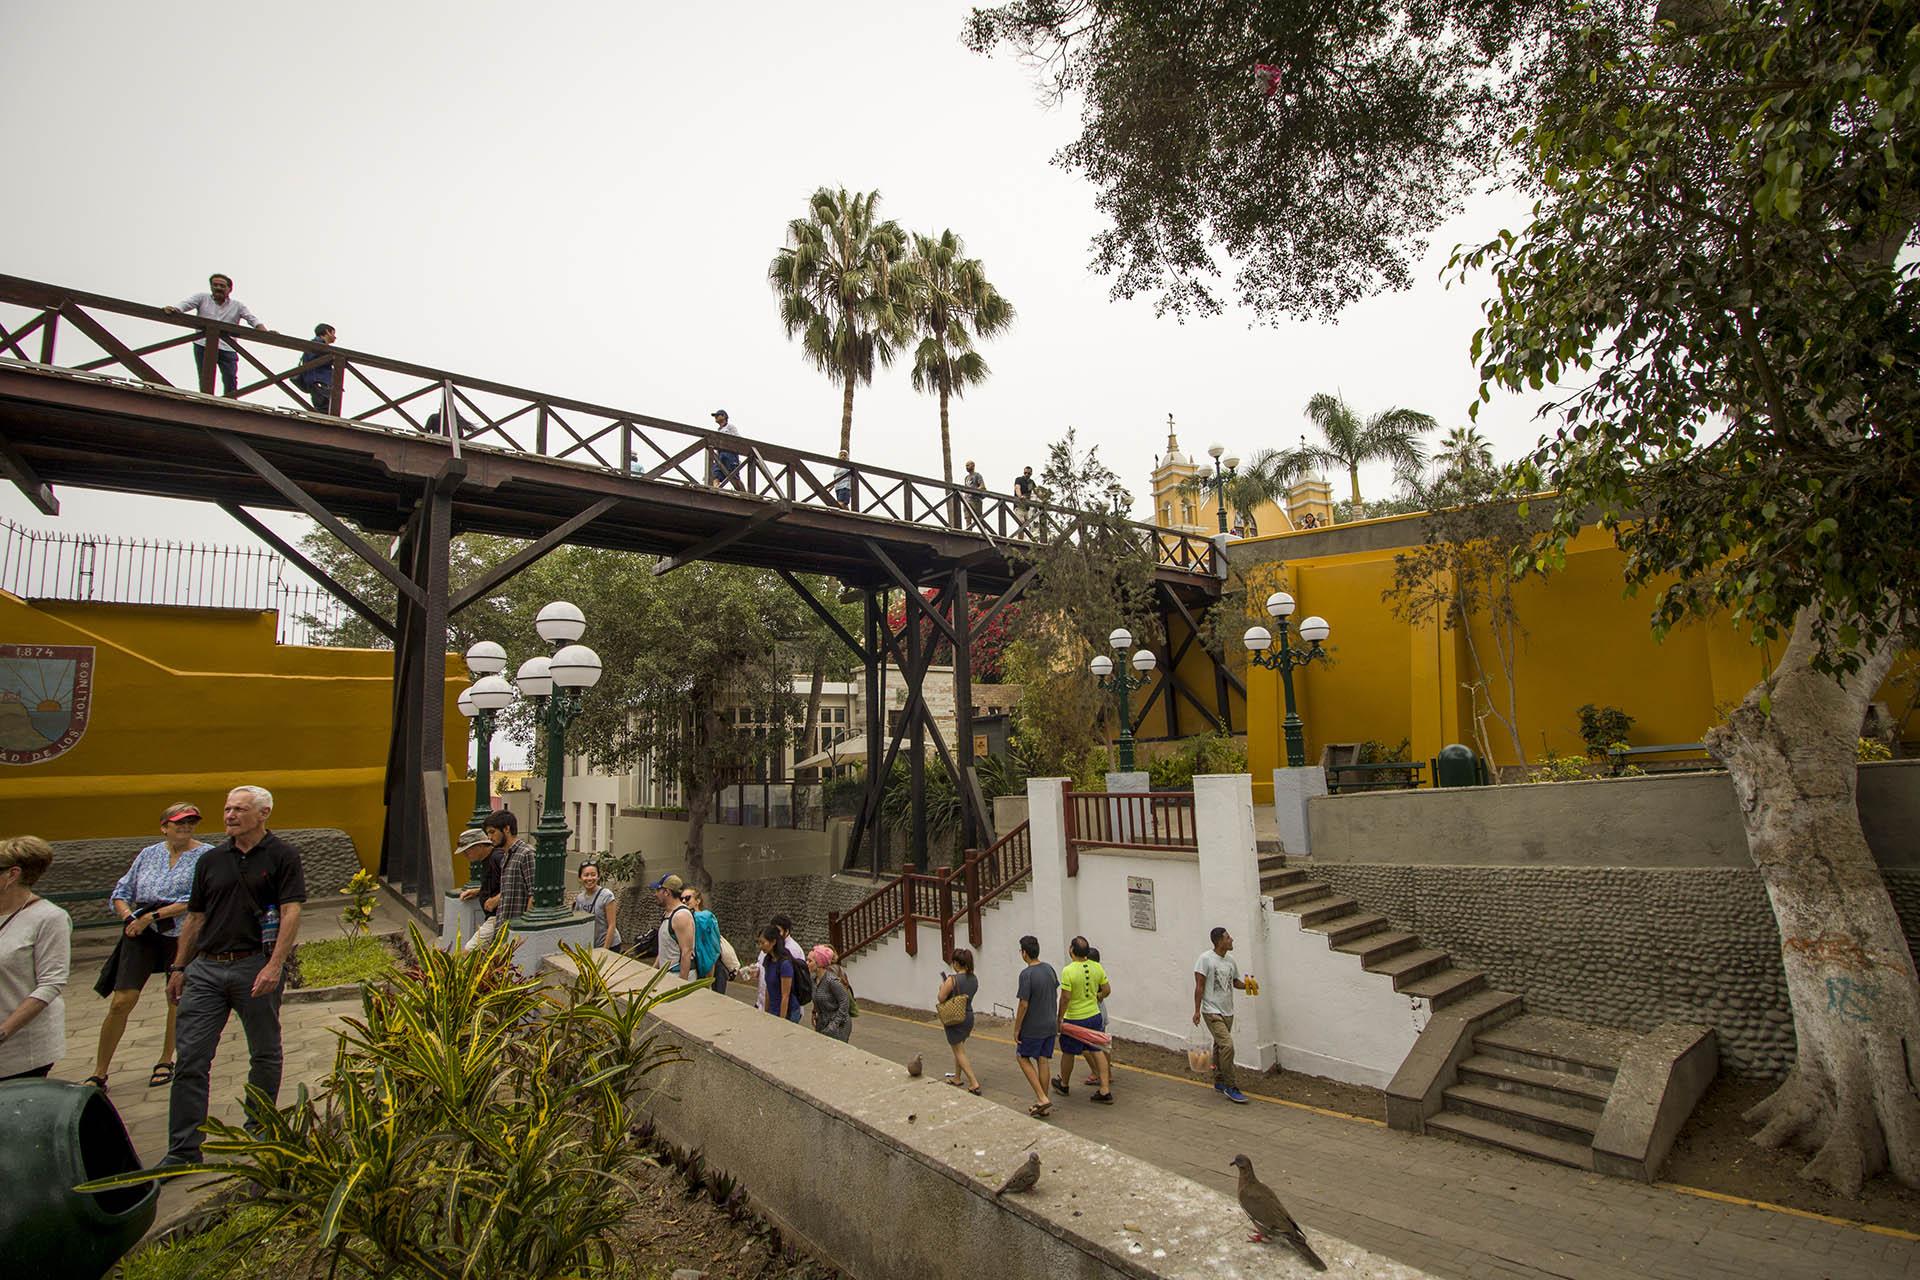 Puente de los Suspiros in de wijk Barranco in Lima, een lange brug over de straat.